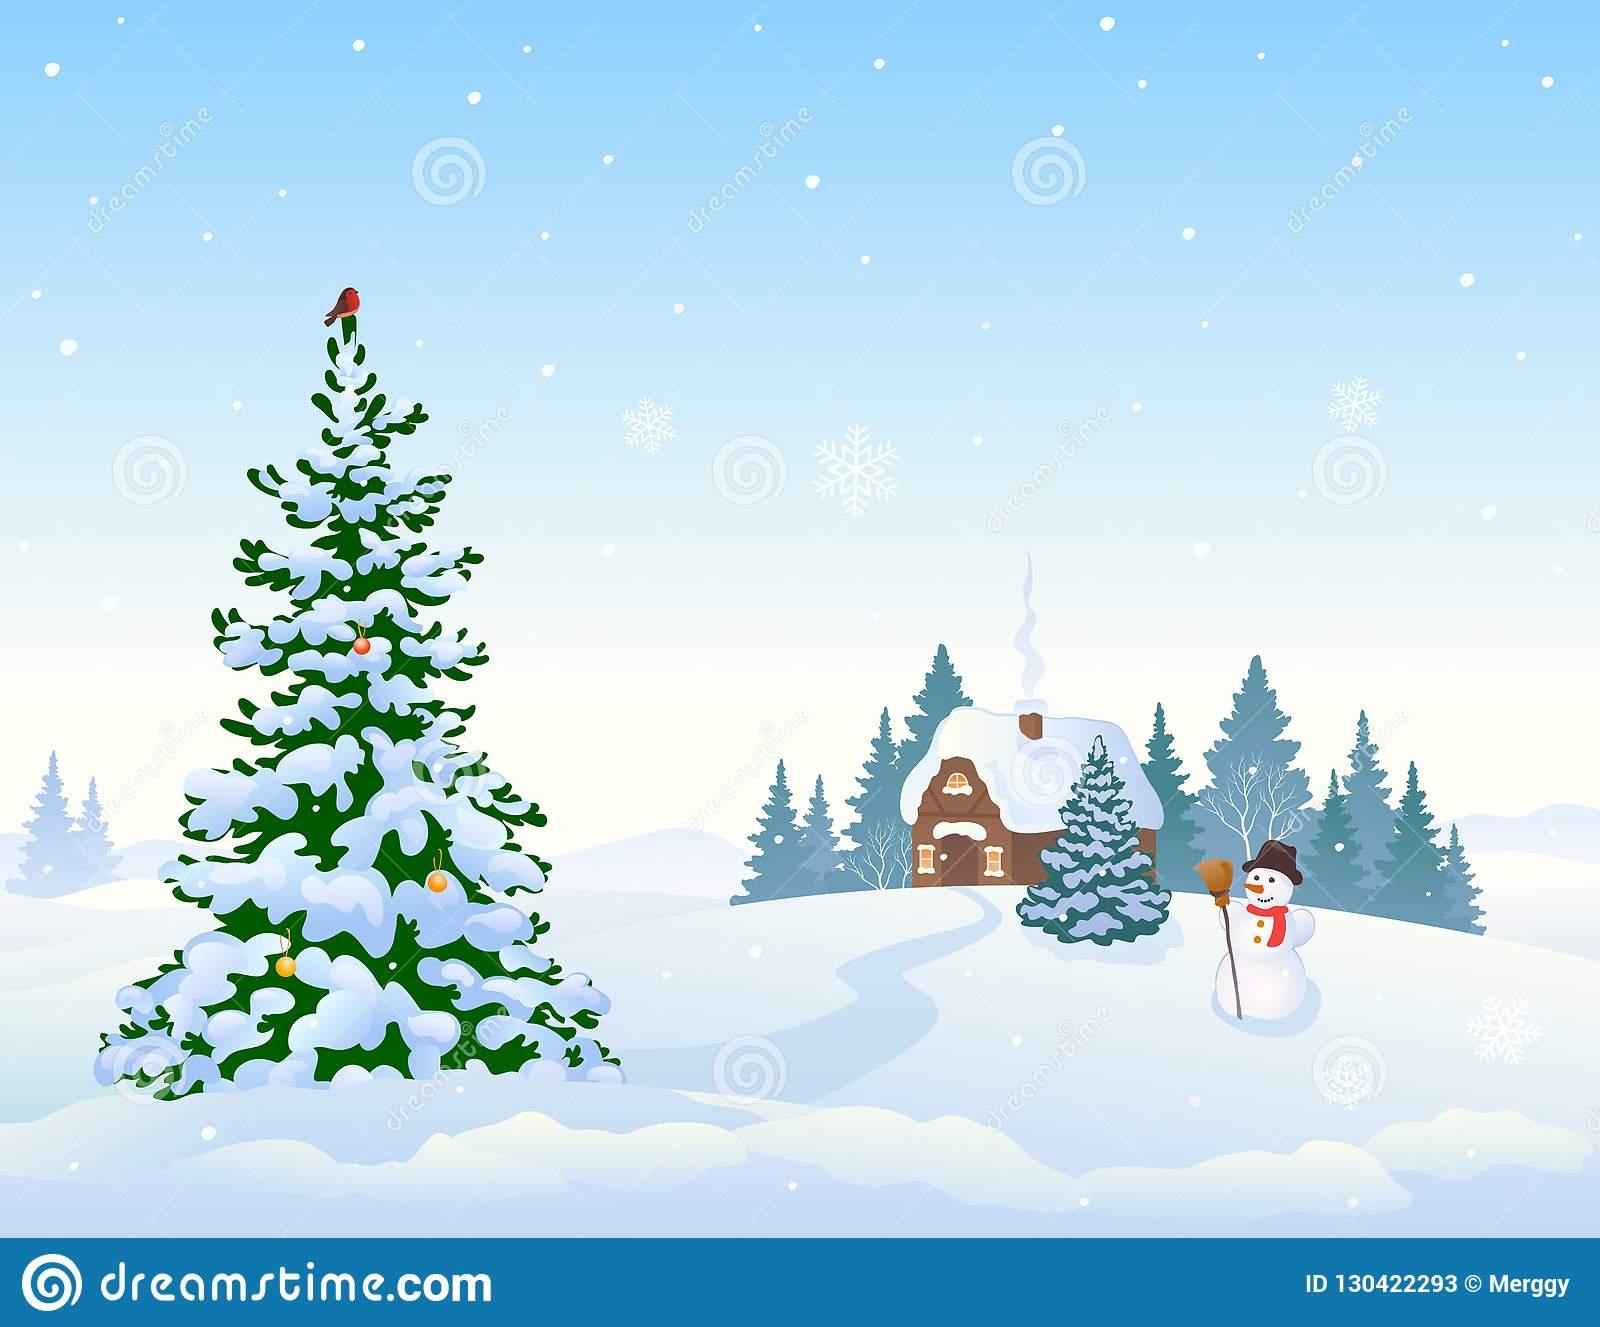 Fond De Paysage D'hiver Et Arbre De Noël Illustration De encequiconcerne Dessin De Paysage D Hiver